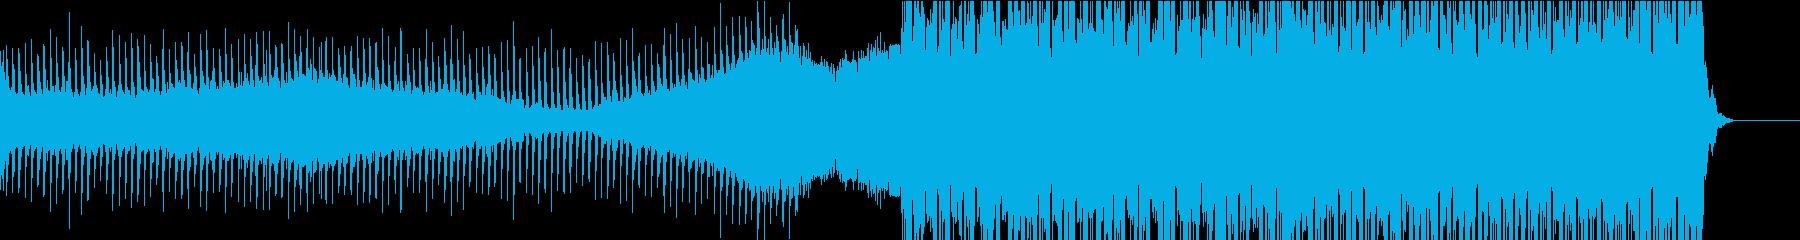 前半静かに始まり後半盛り上がるEDMの再生済みの波形